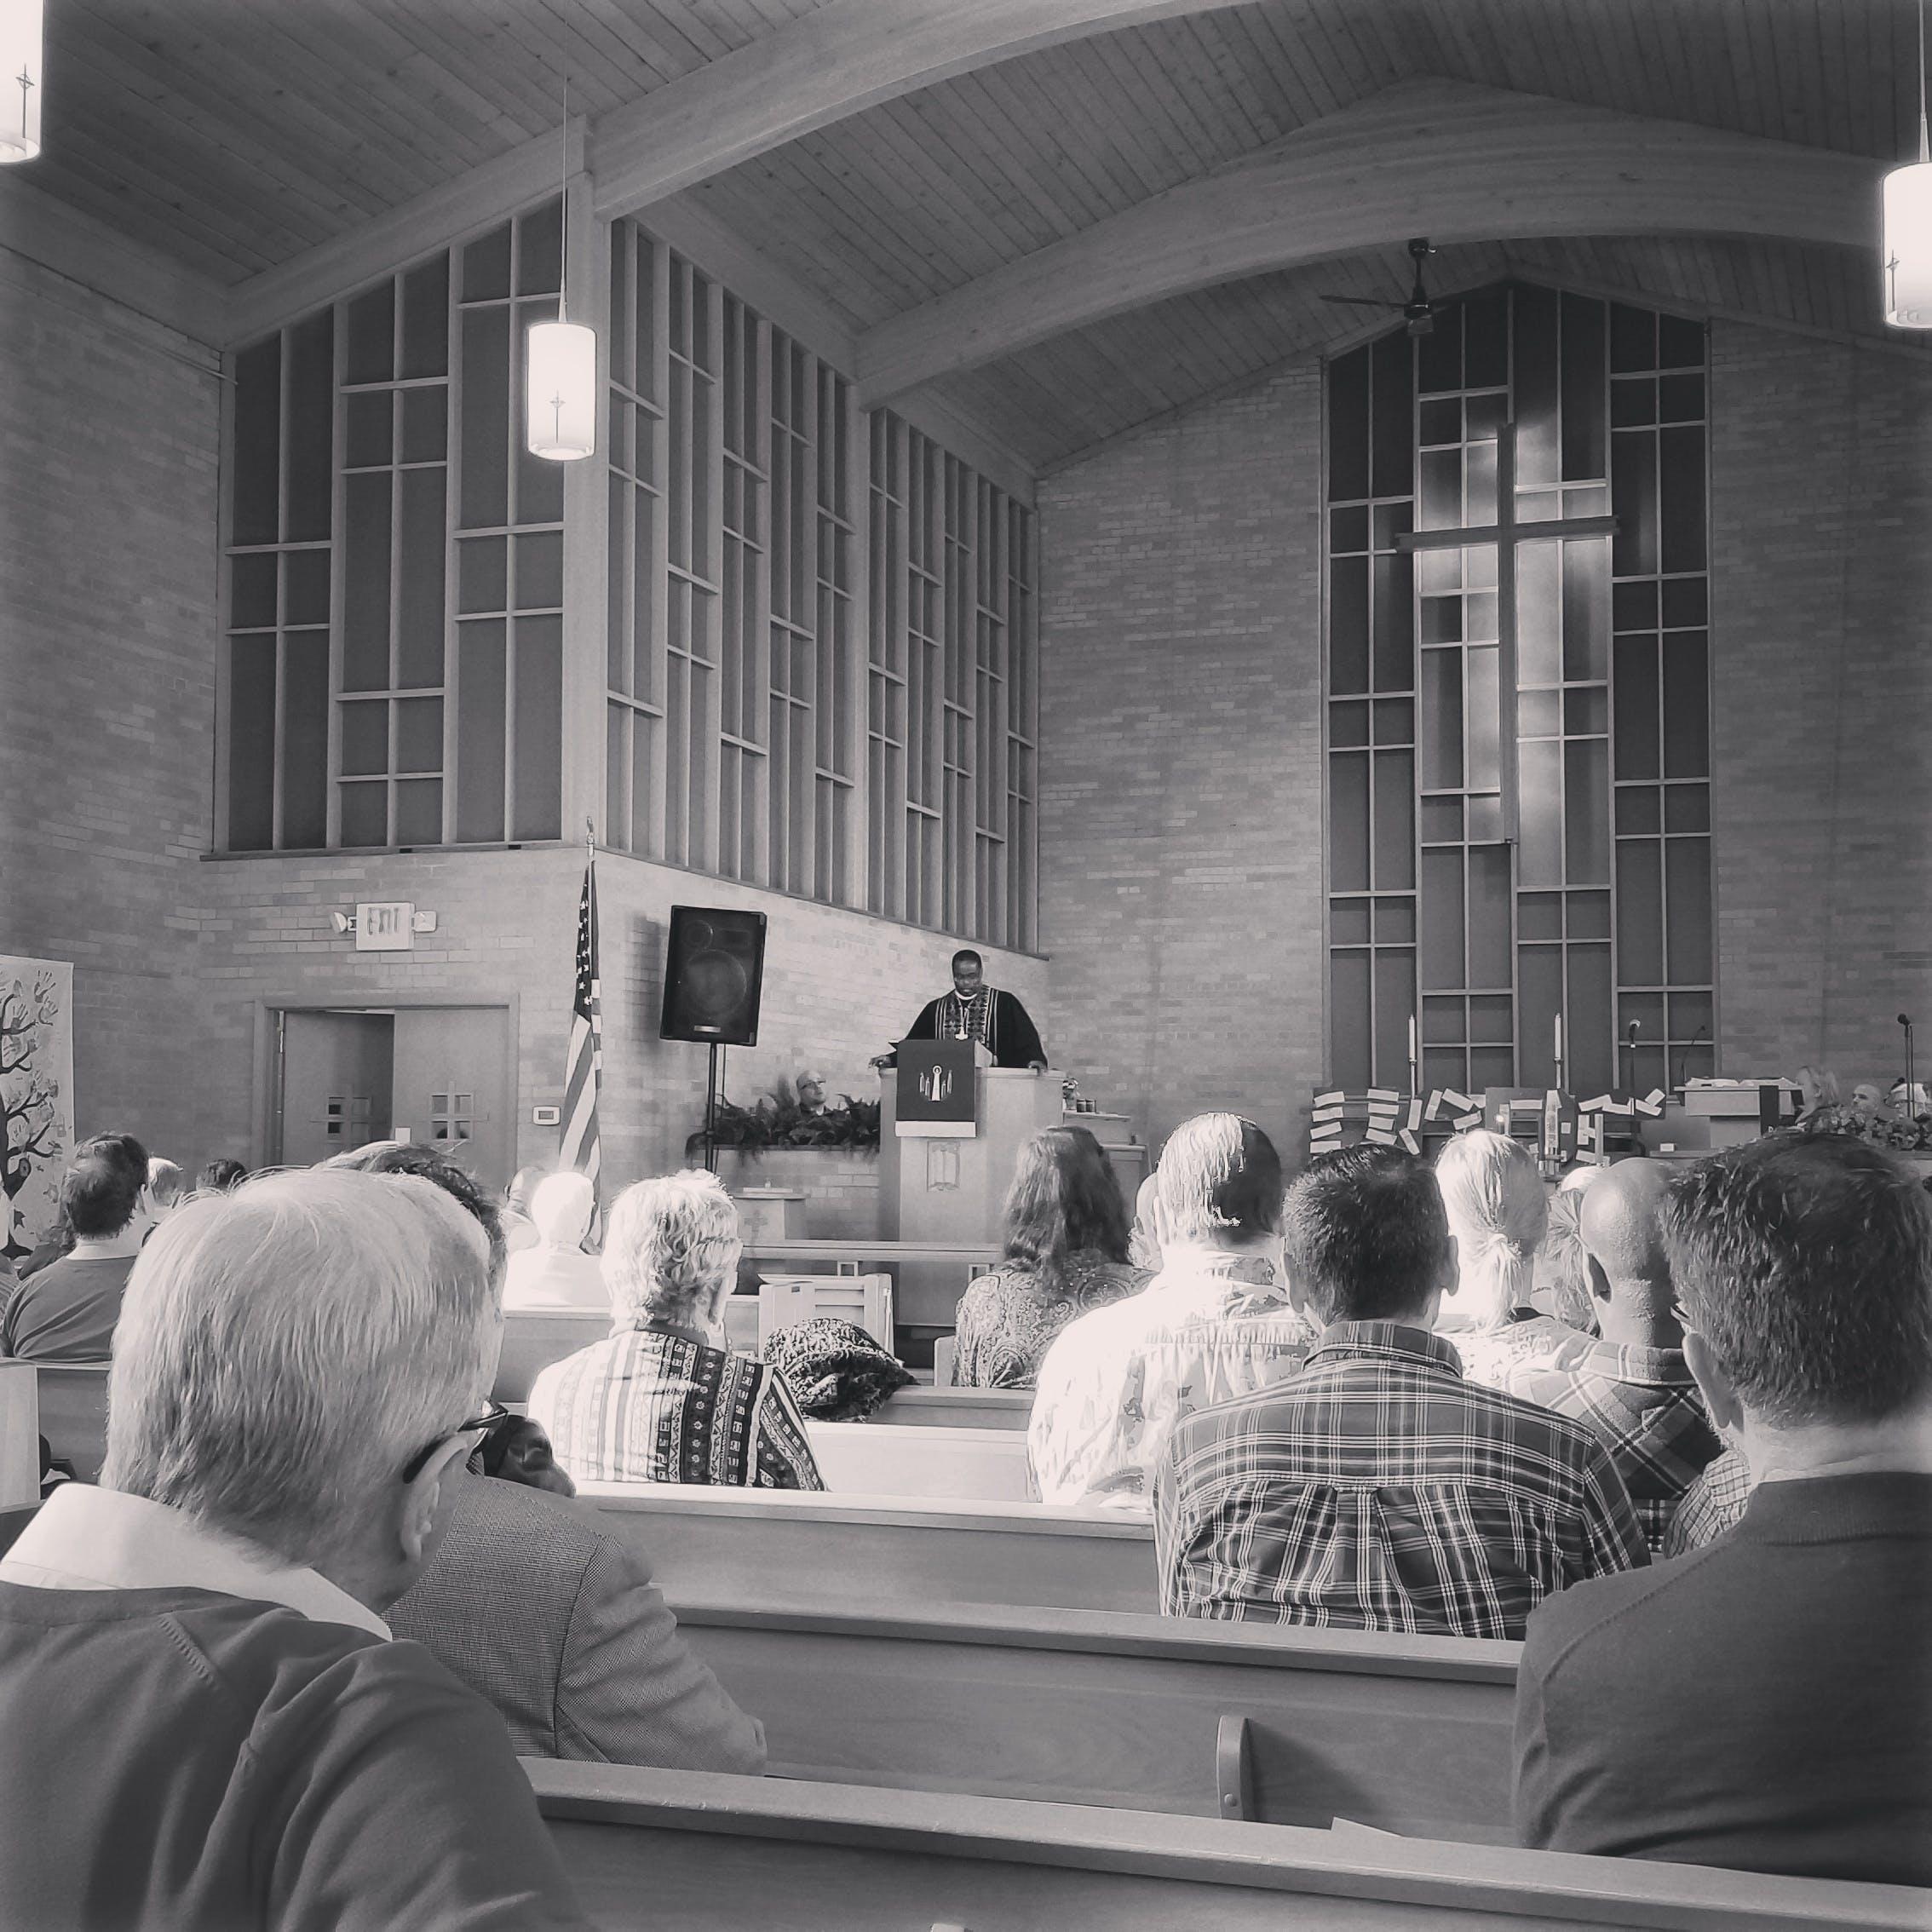 Gratis arkivbilde med kirke, kirketjeneste